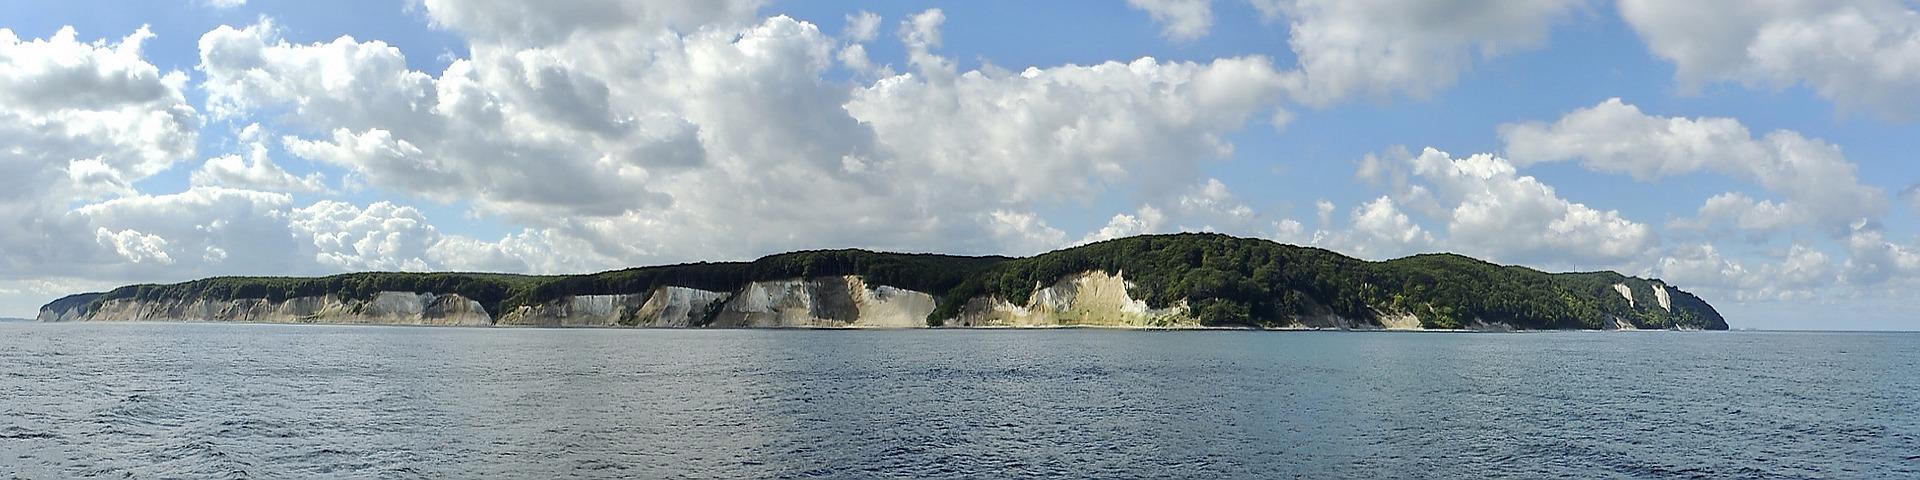 Seebestattung vor Rügen: Ansicht der Insel